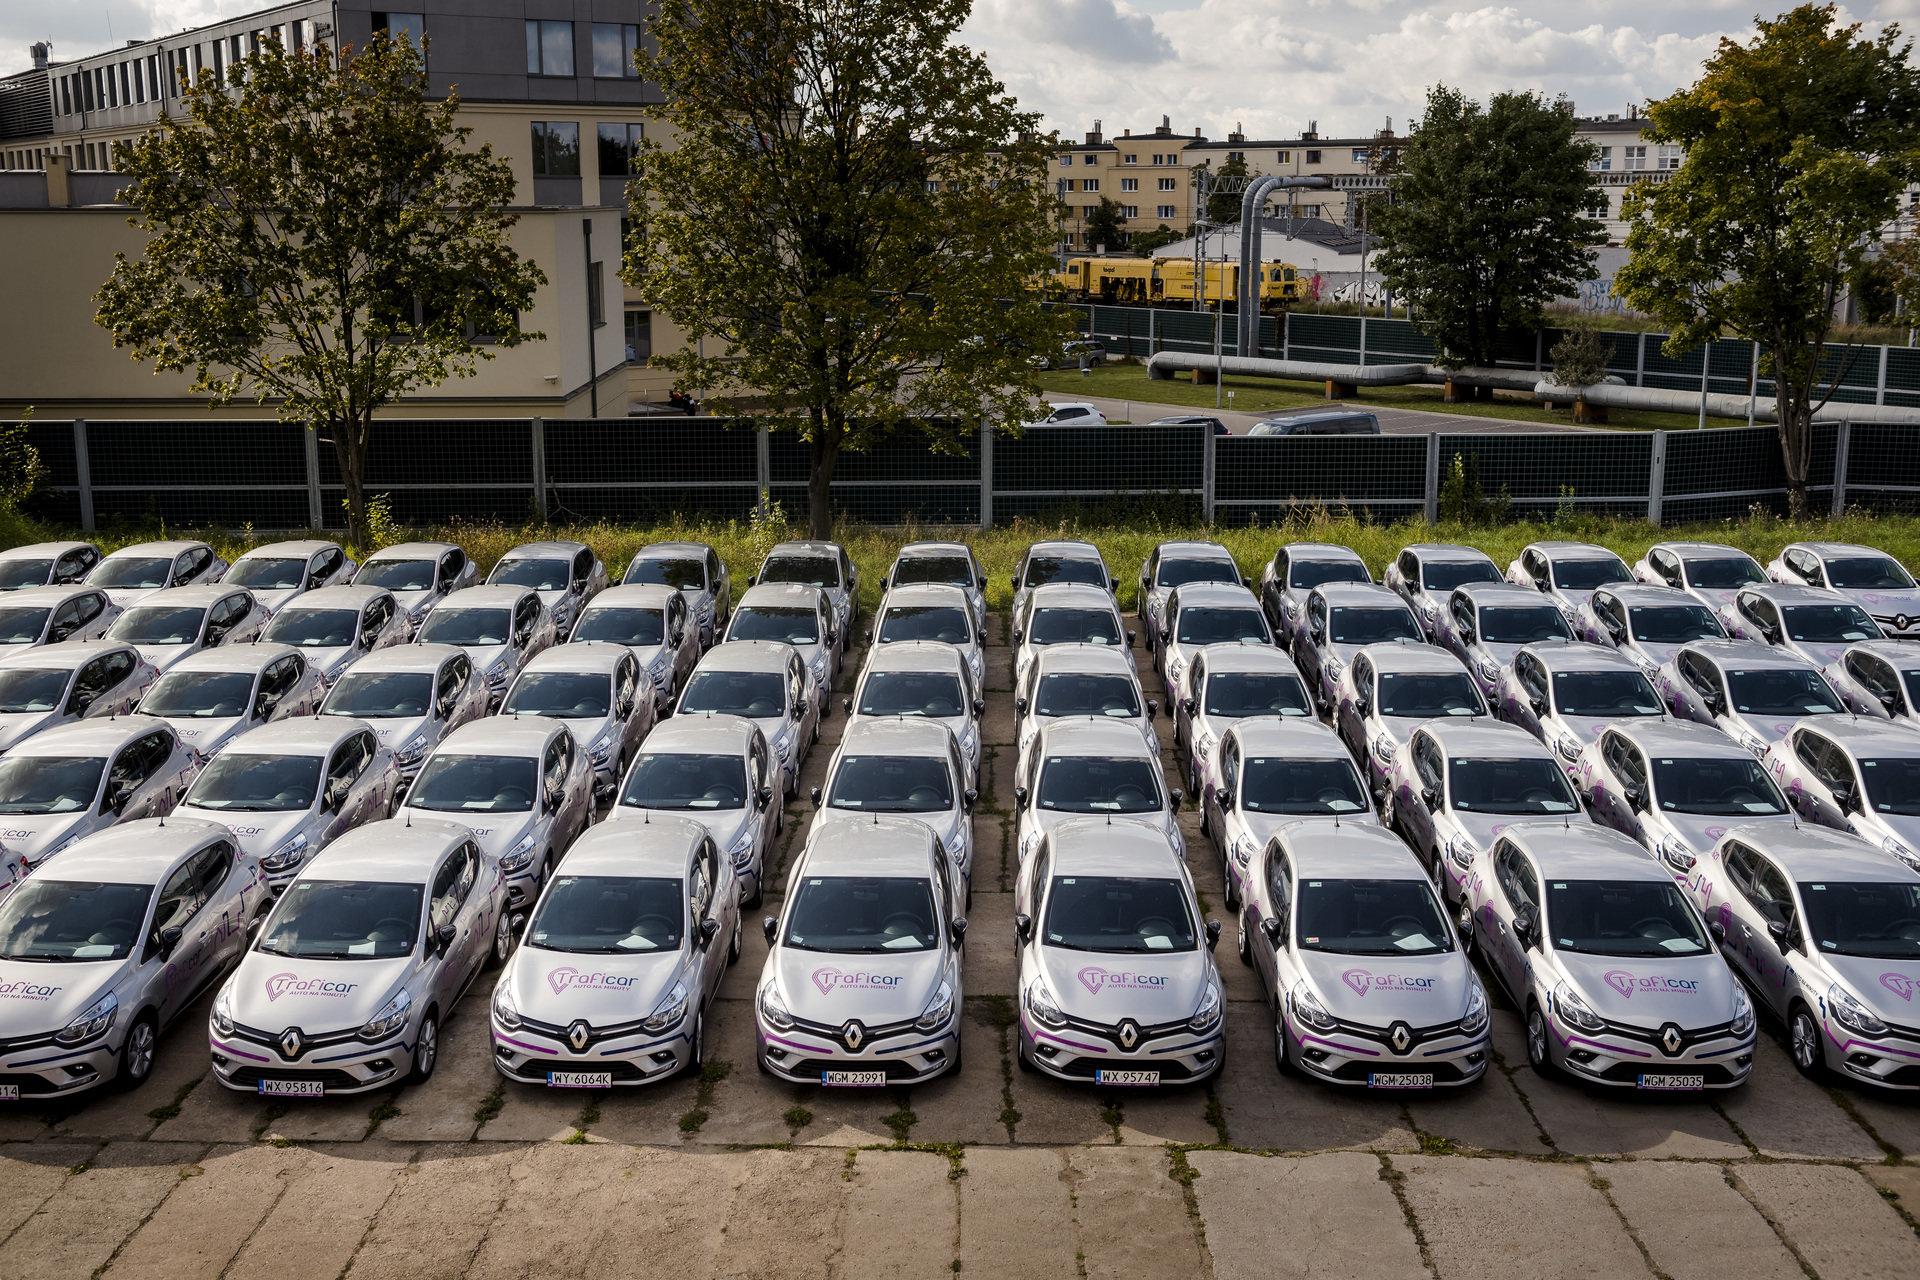 300 samochodów Traficara w Krakowie